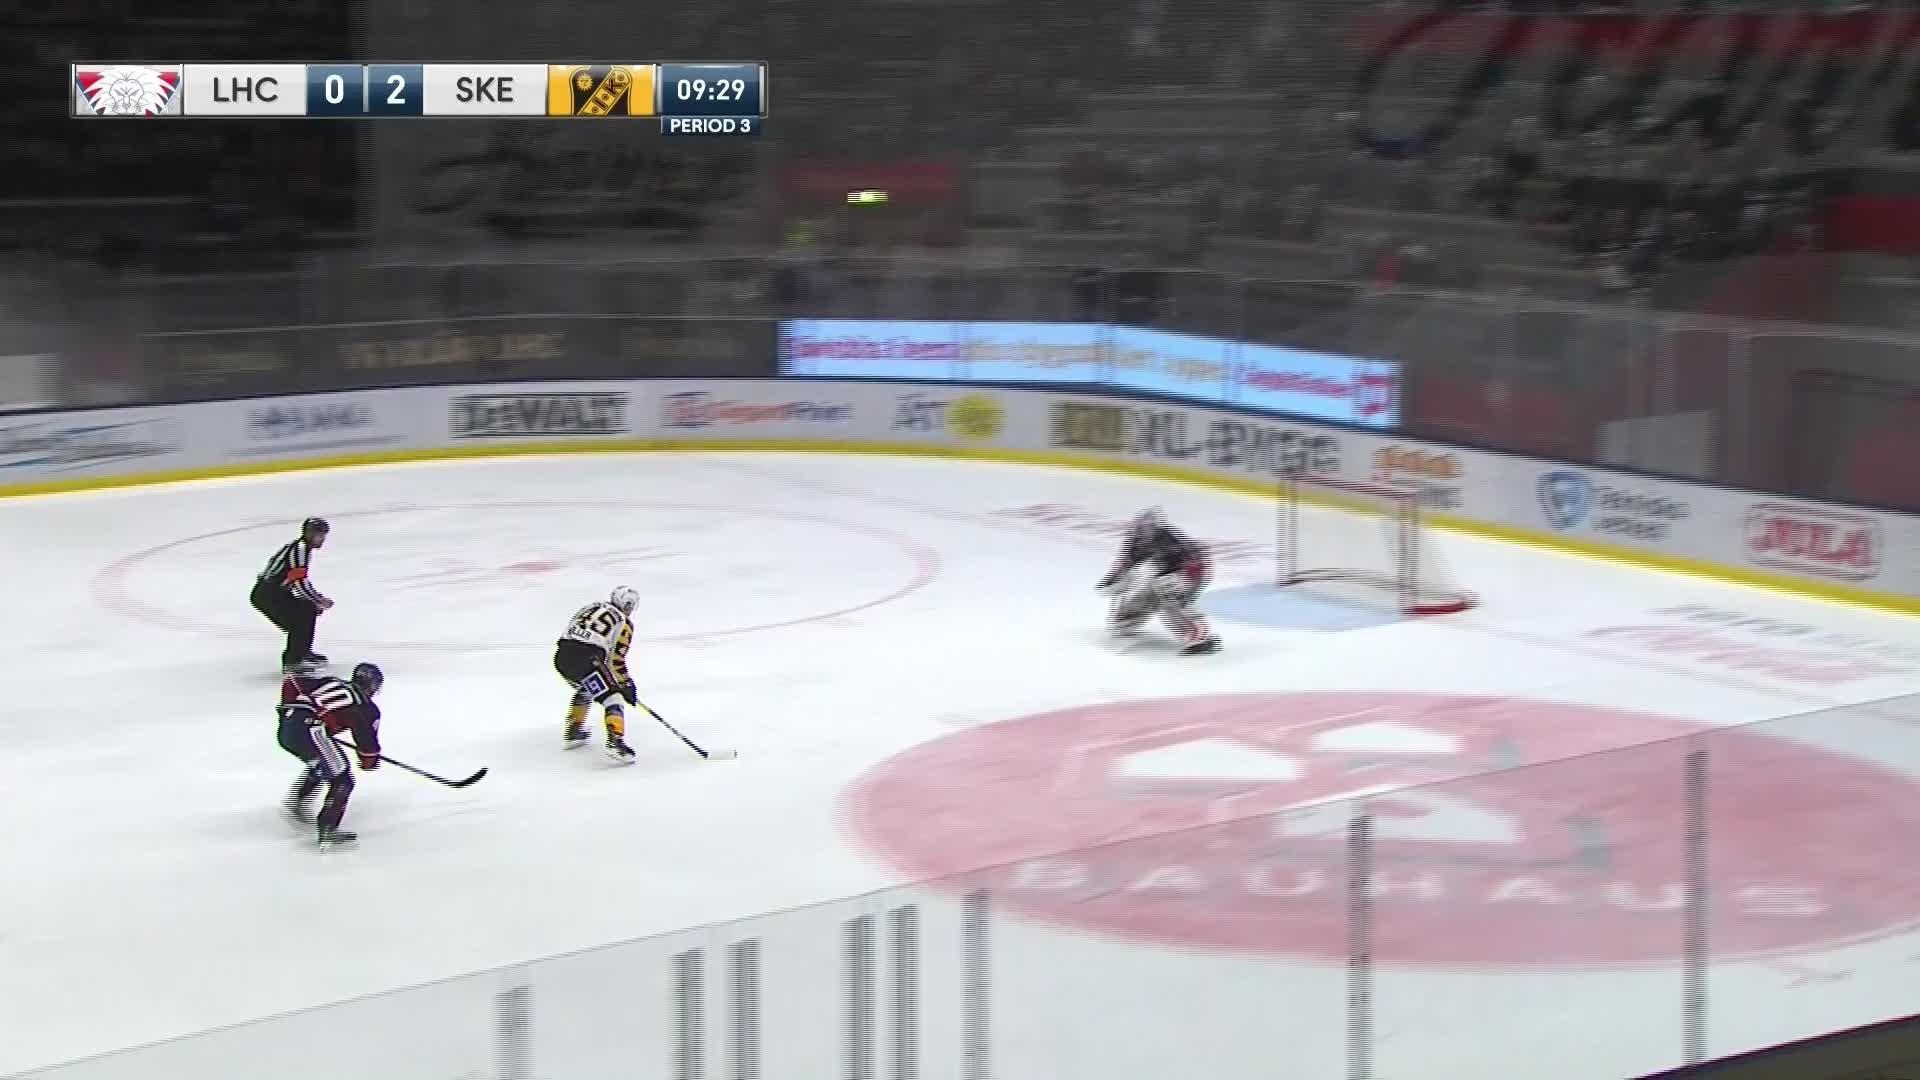 Linköping HC - Skellefteå AIK 0-3